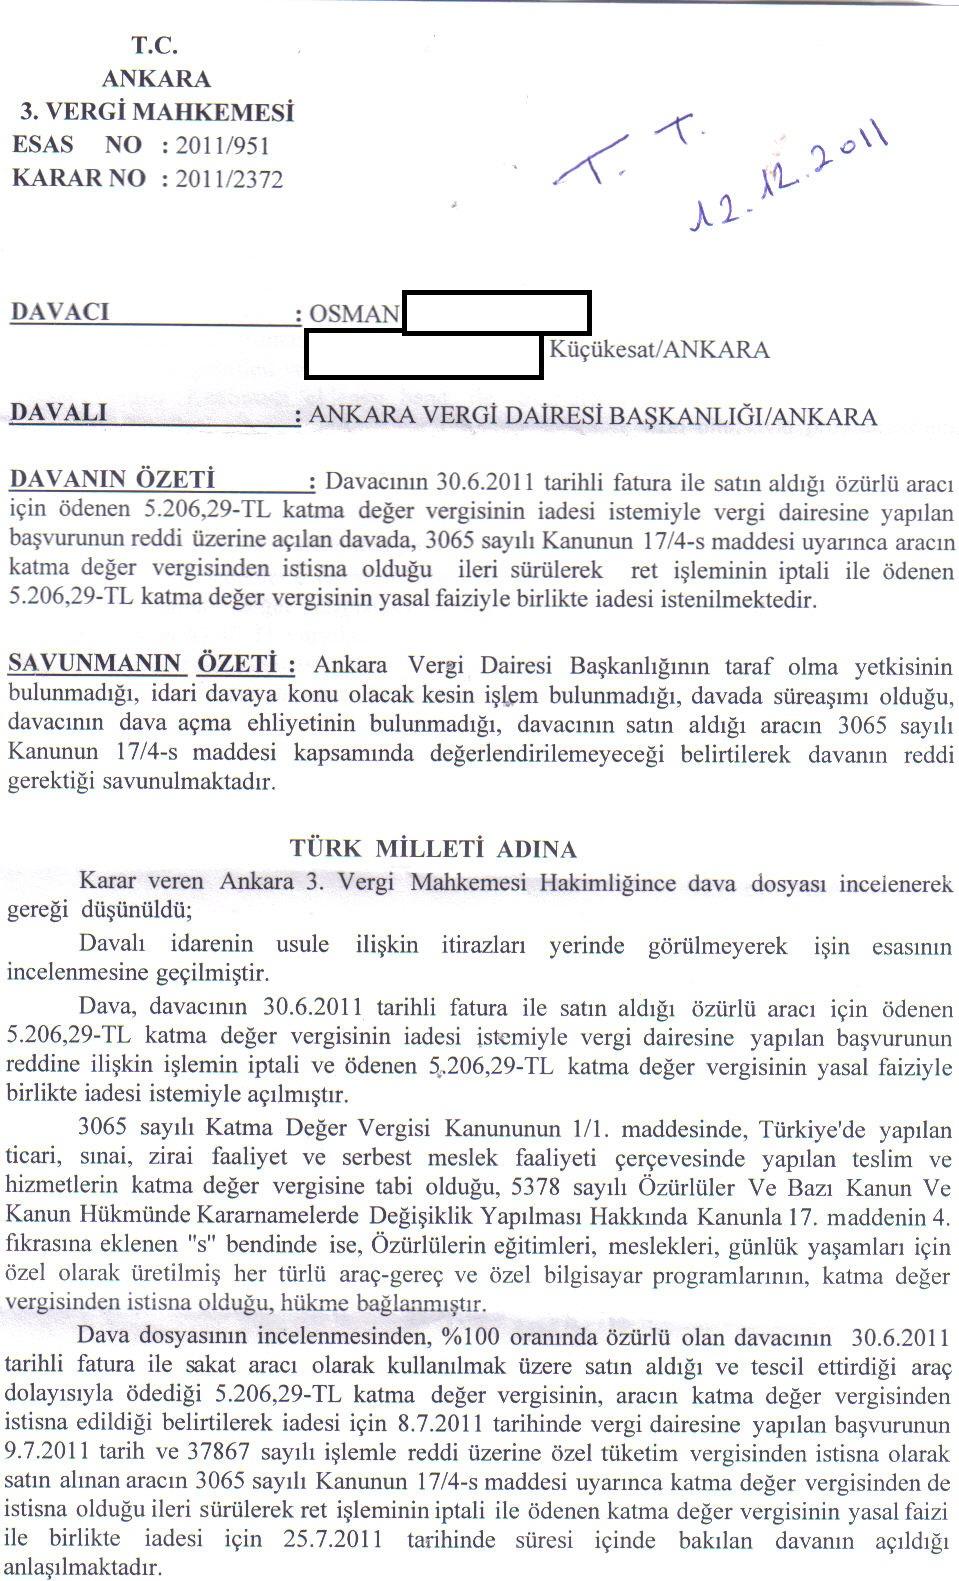 Ankara 3.VergiMahkemesi LehteKarar1 - Sakat statüsünde alınan araç için ödenen KDV'nin geri alınması işlemleri ve süreç